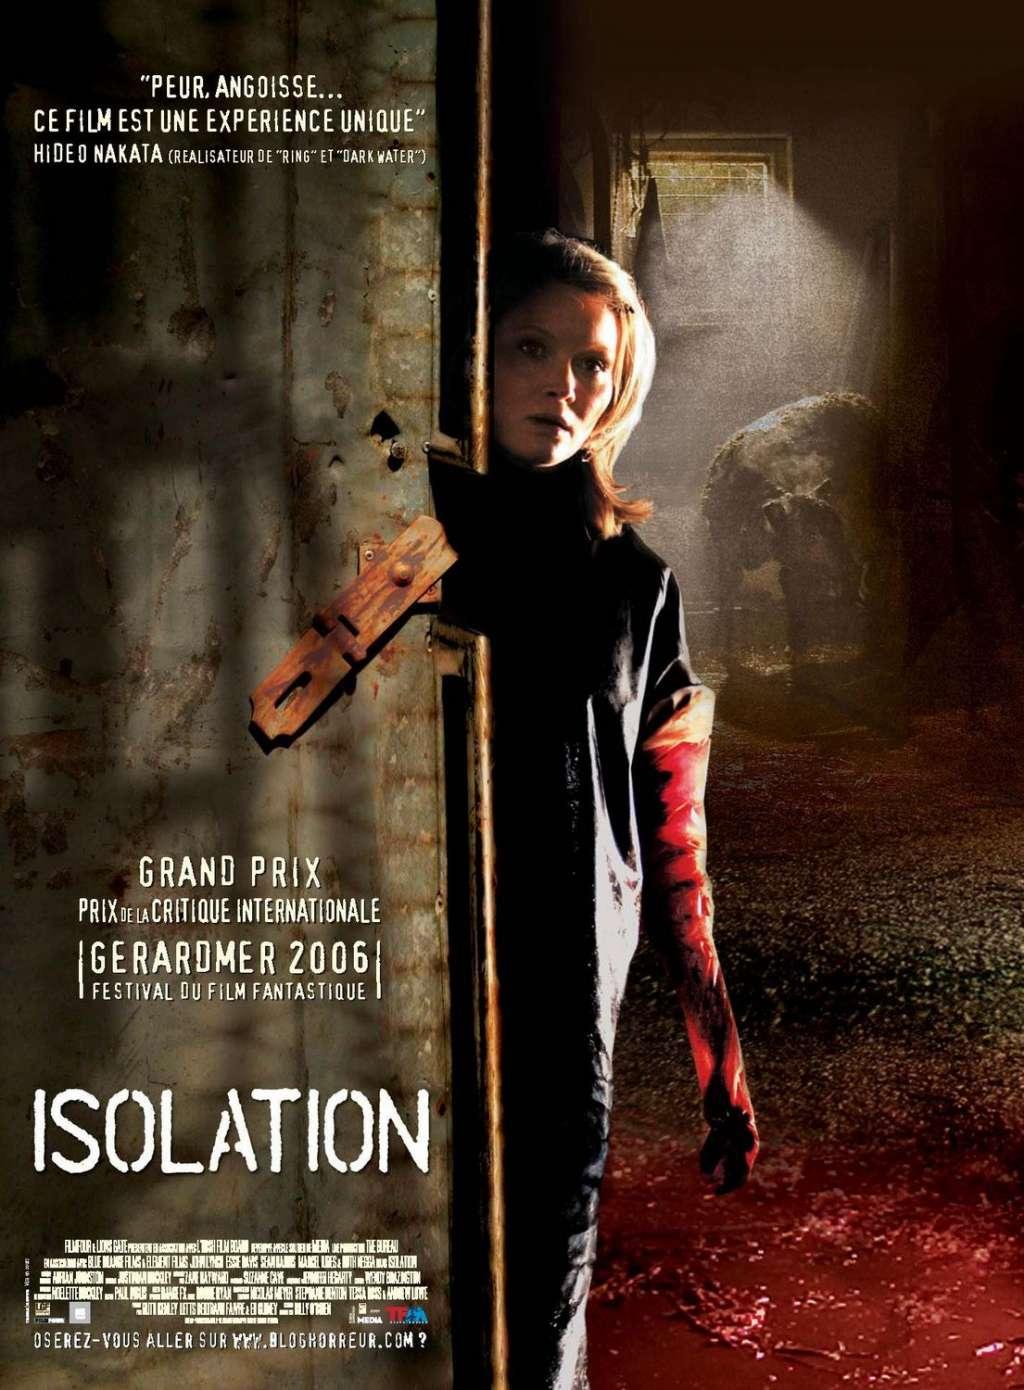 Isolation kapak